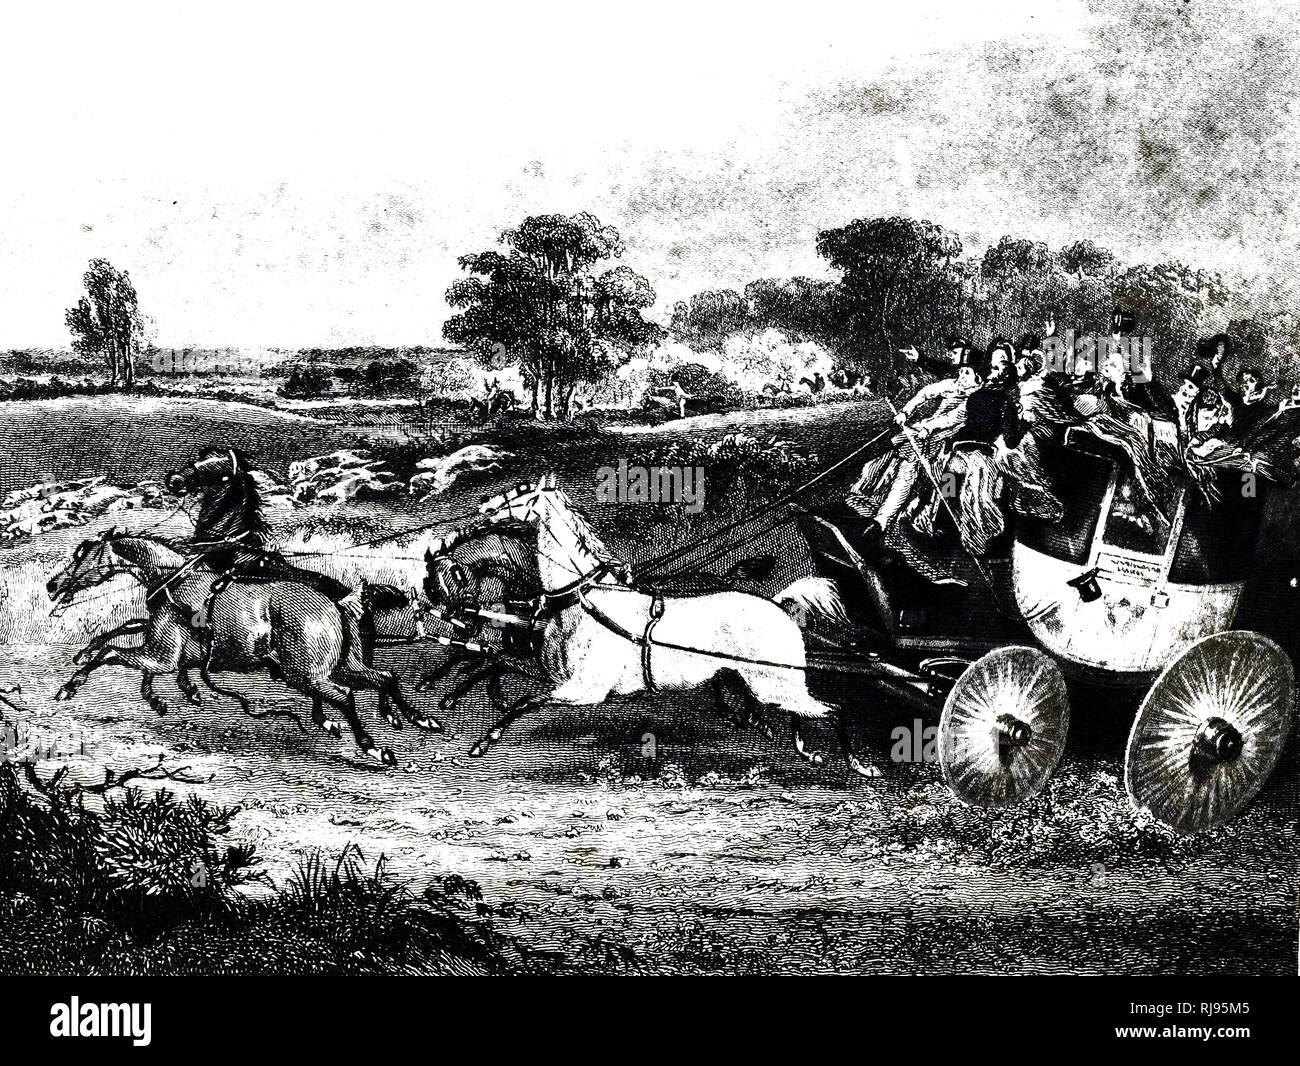 Illustrazione di un runaway diligenze con il terrore dei passeggeri, come un pack di cani da caccia passa nelle vicinanze. Inglese; 1860 Immagini Stock